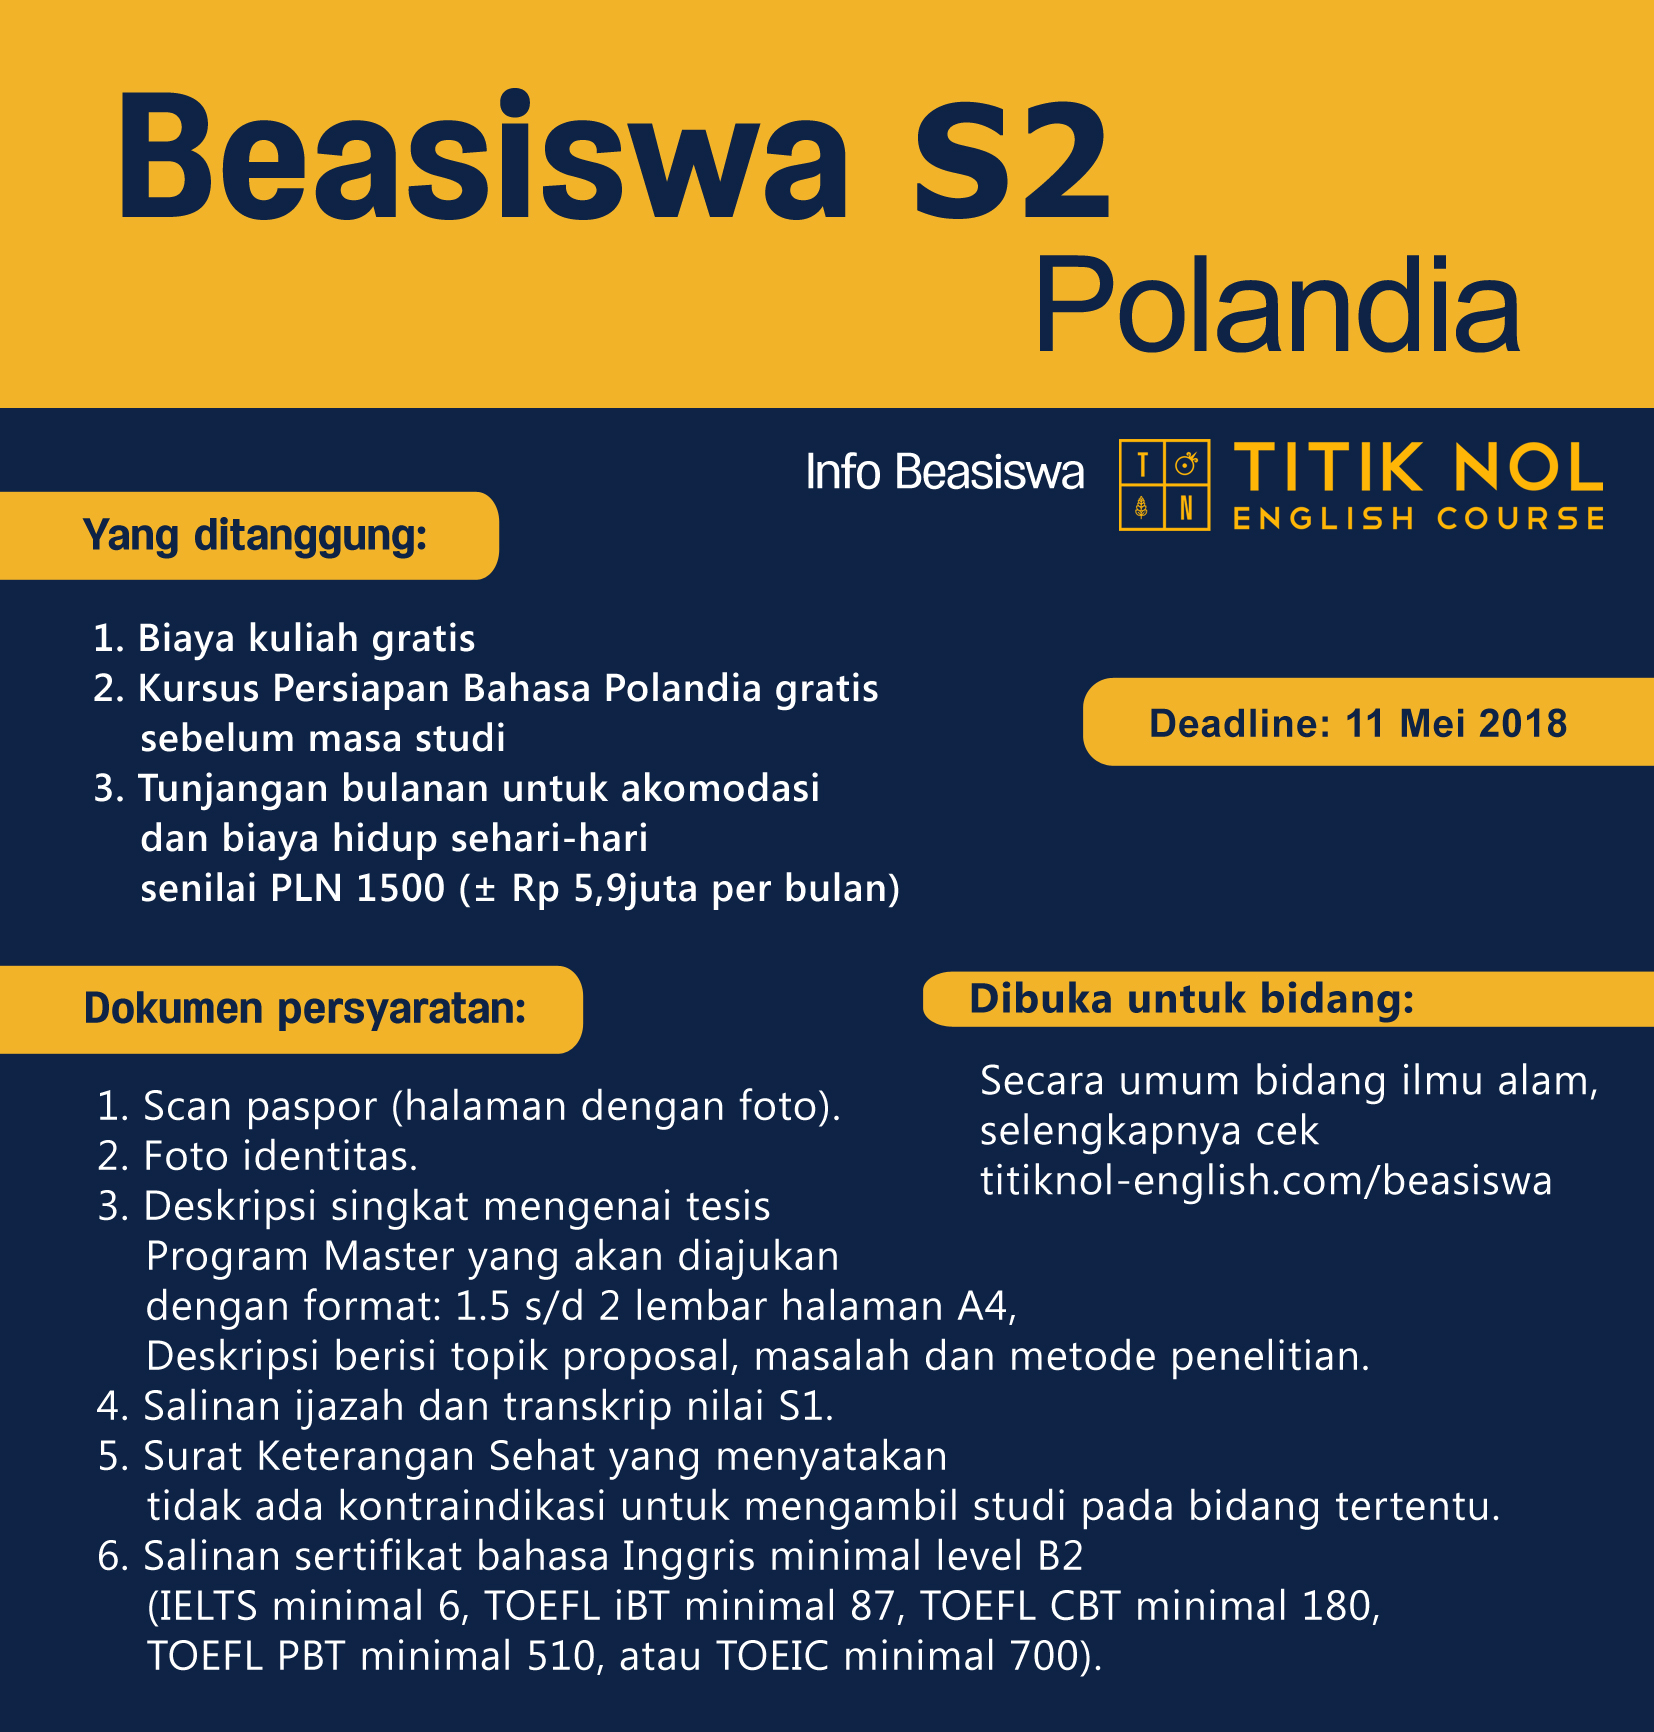 beasiswa s2 Polandia 2018/2019